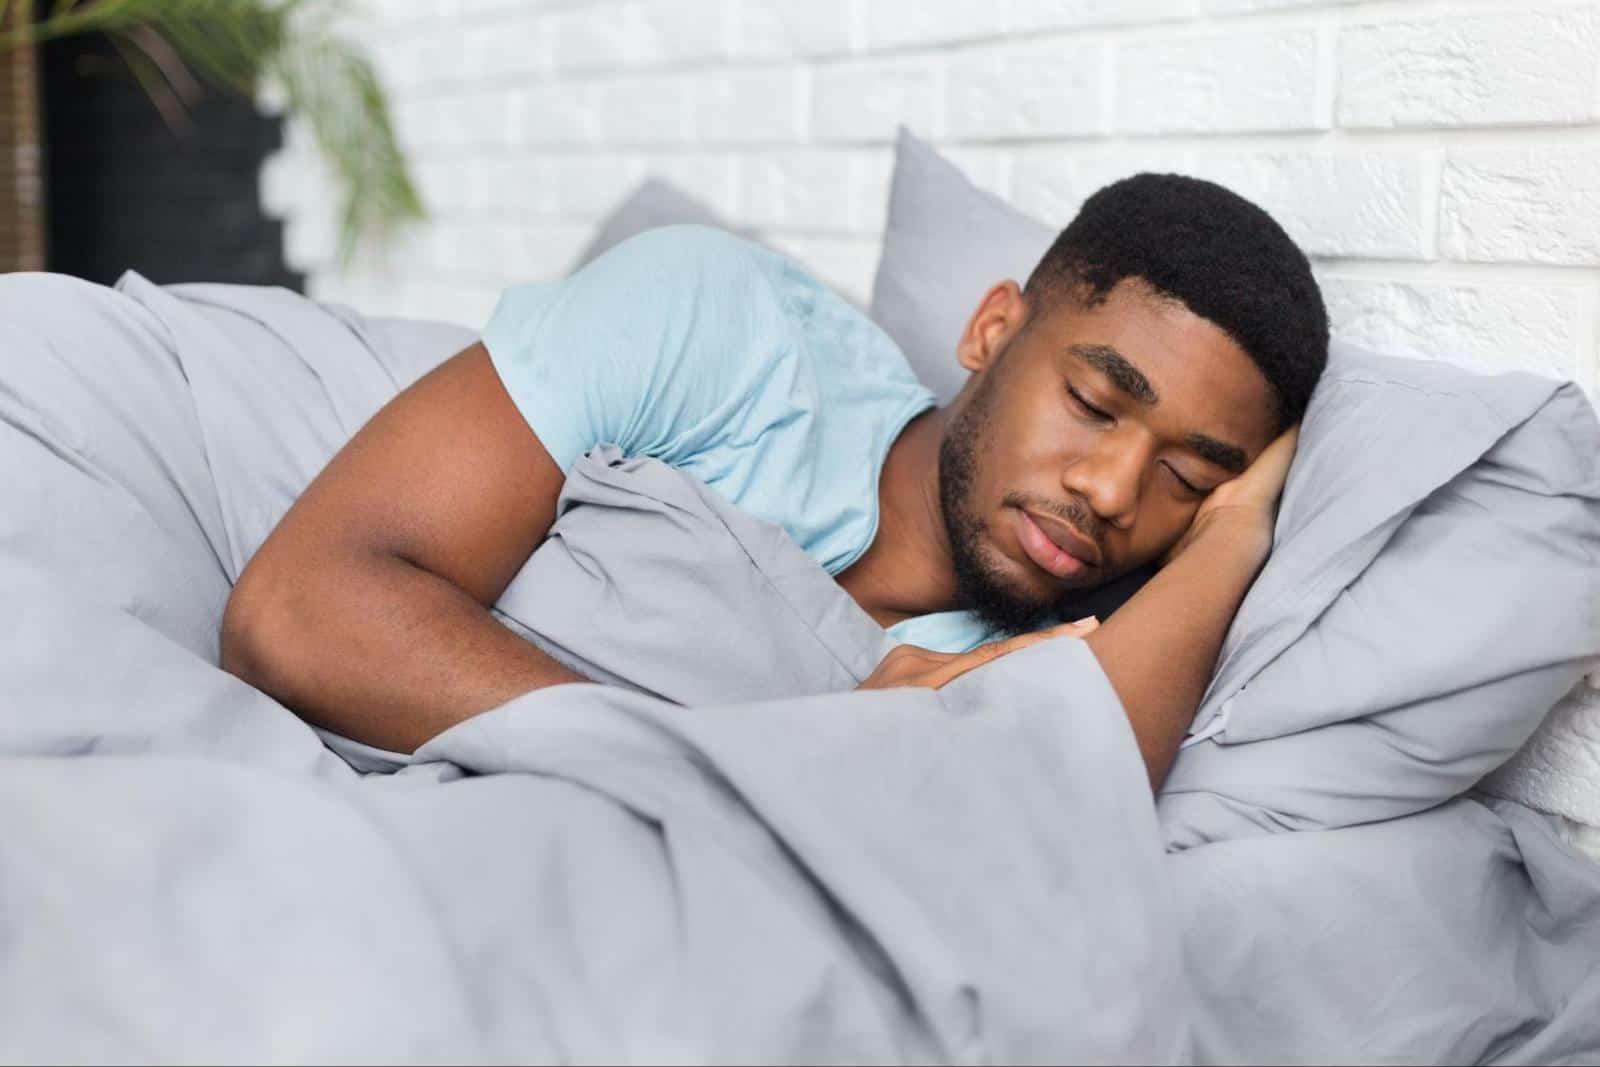 poor sleep hygiene: man sleeping